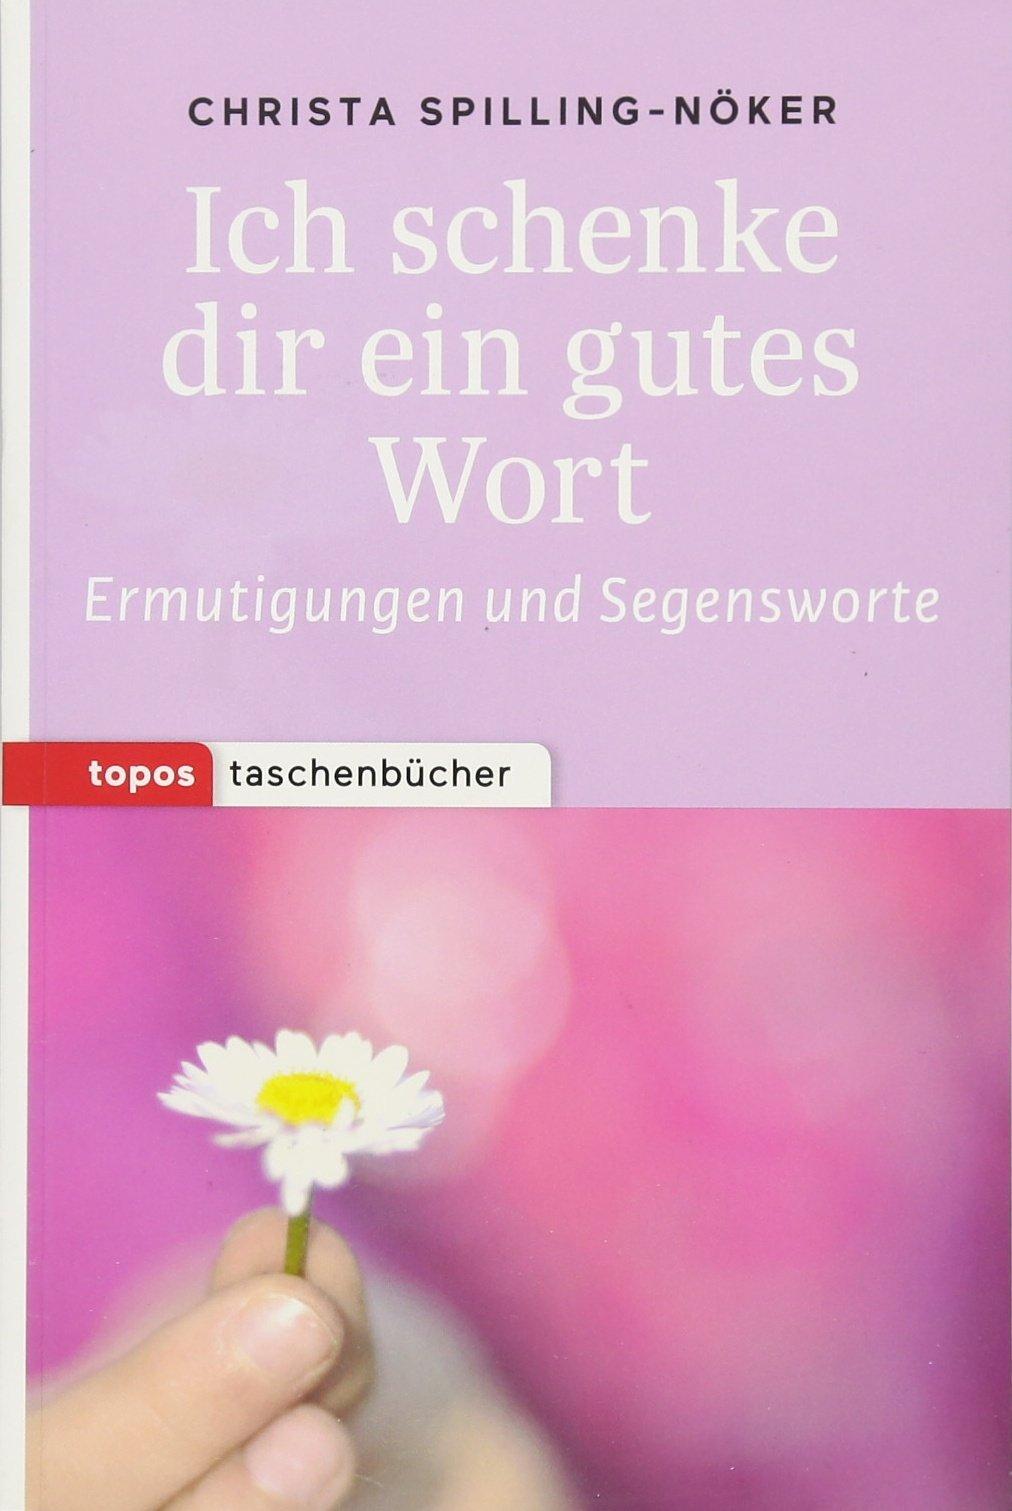 Ich schenke dir ein gutes Wort: Ermutigungen und Segensworte (Topos Taschenbücher)